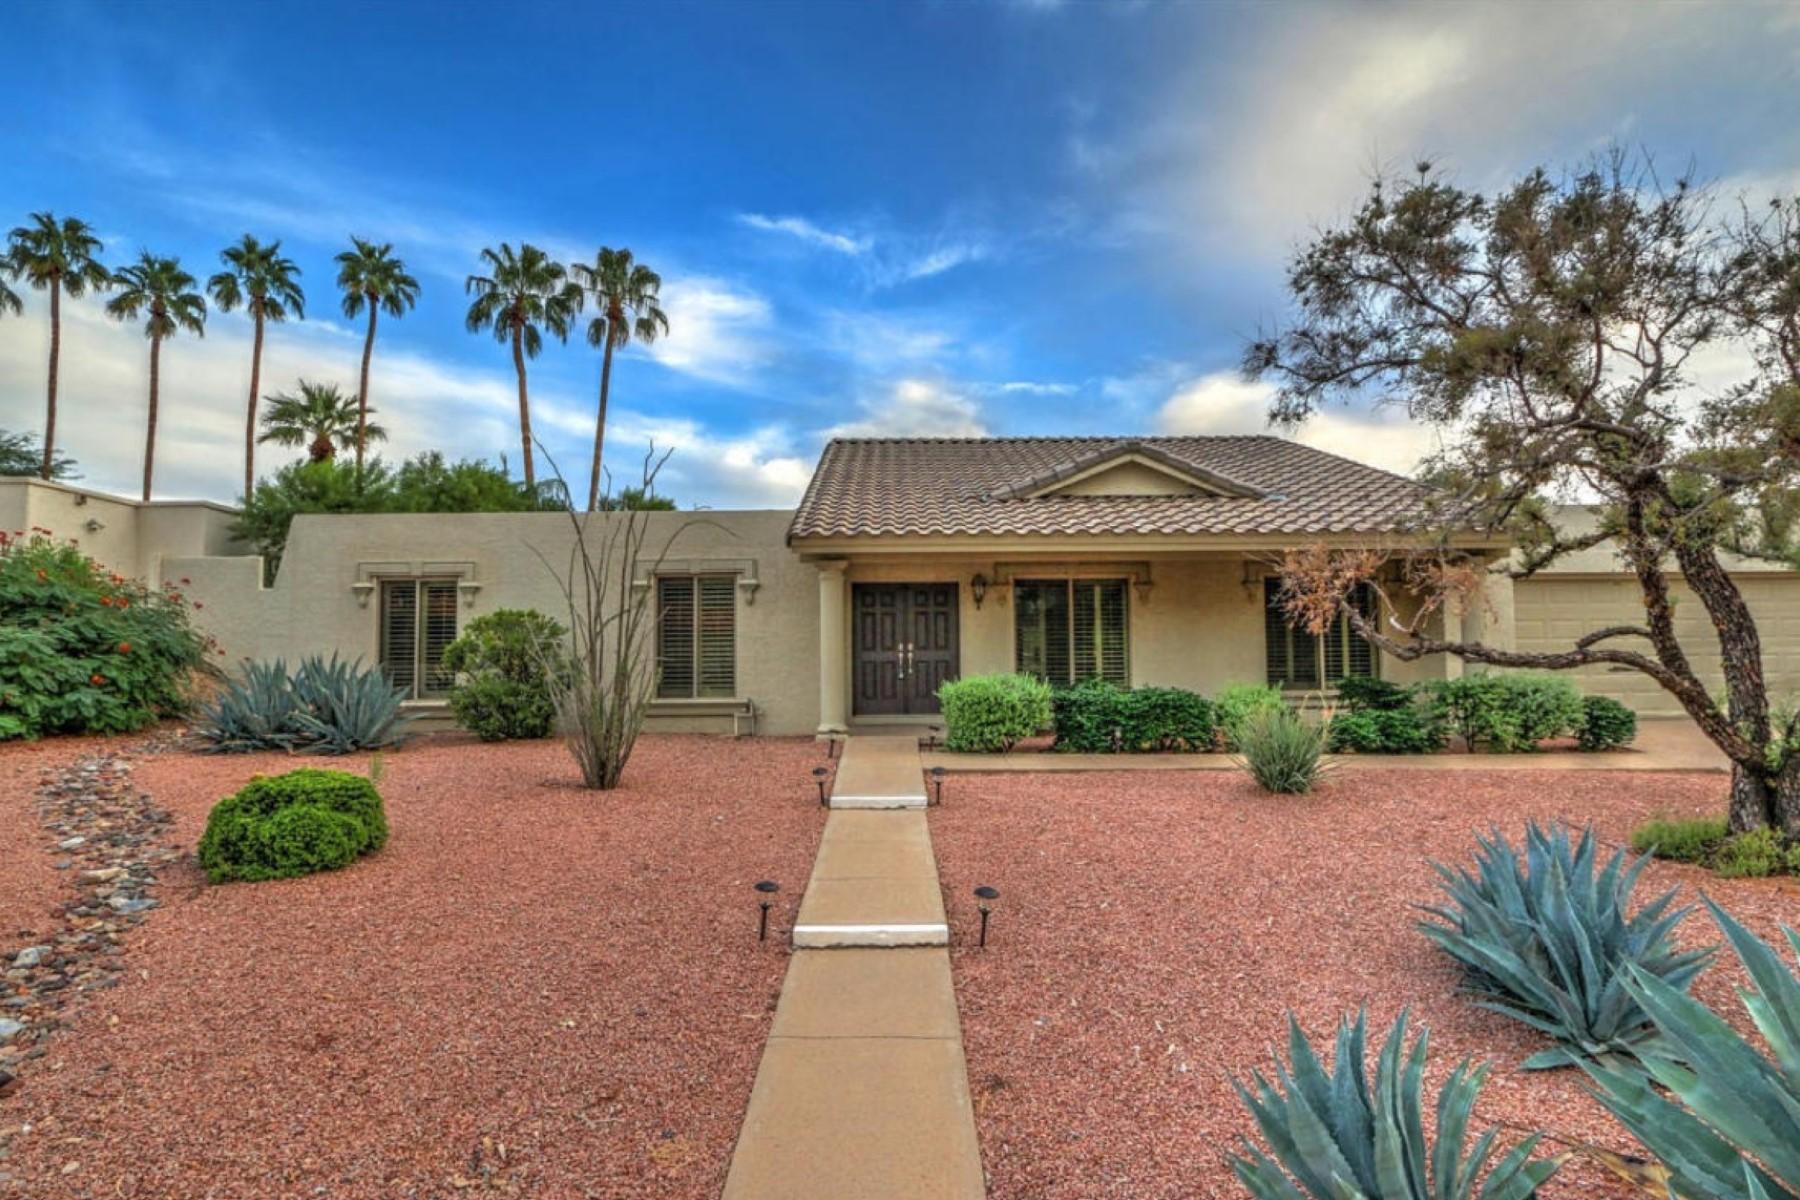 Частный односемейный дом для того Продажа на Completely Remodeled Home In Quiet Neighborhood With Mountain Views 2011 E Orangewood Ave Phoenix, Аризона 85020 Соединенные Штаты